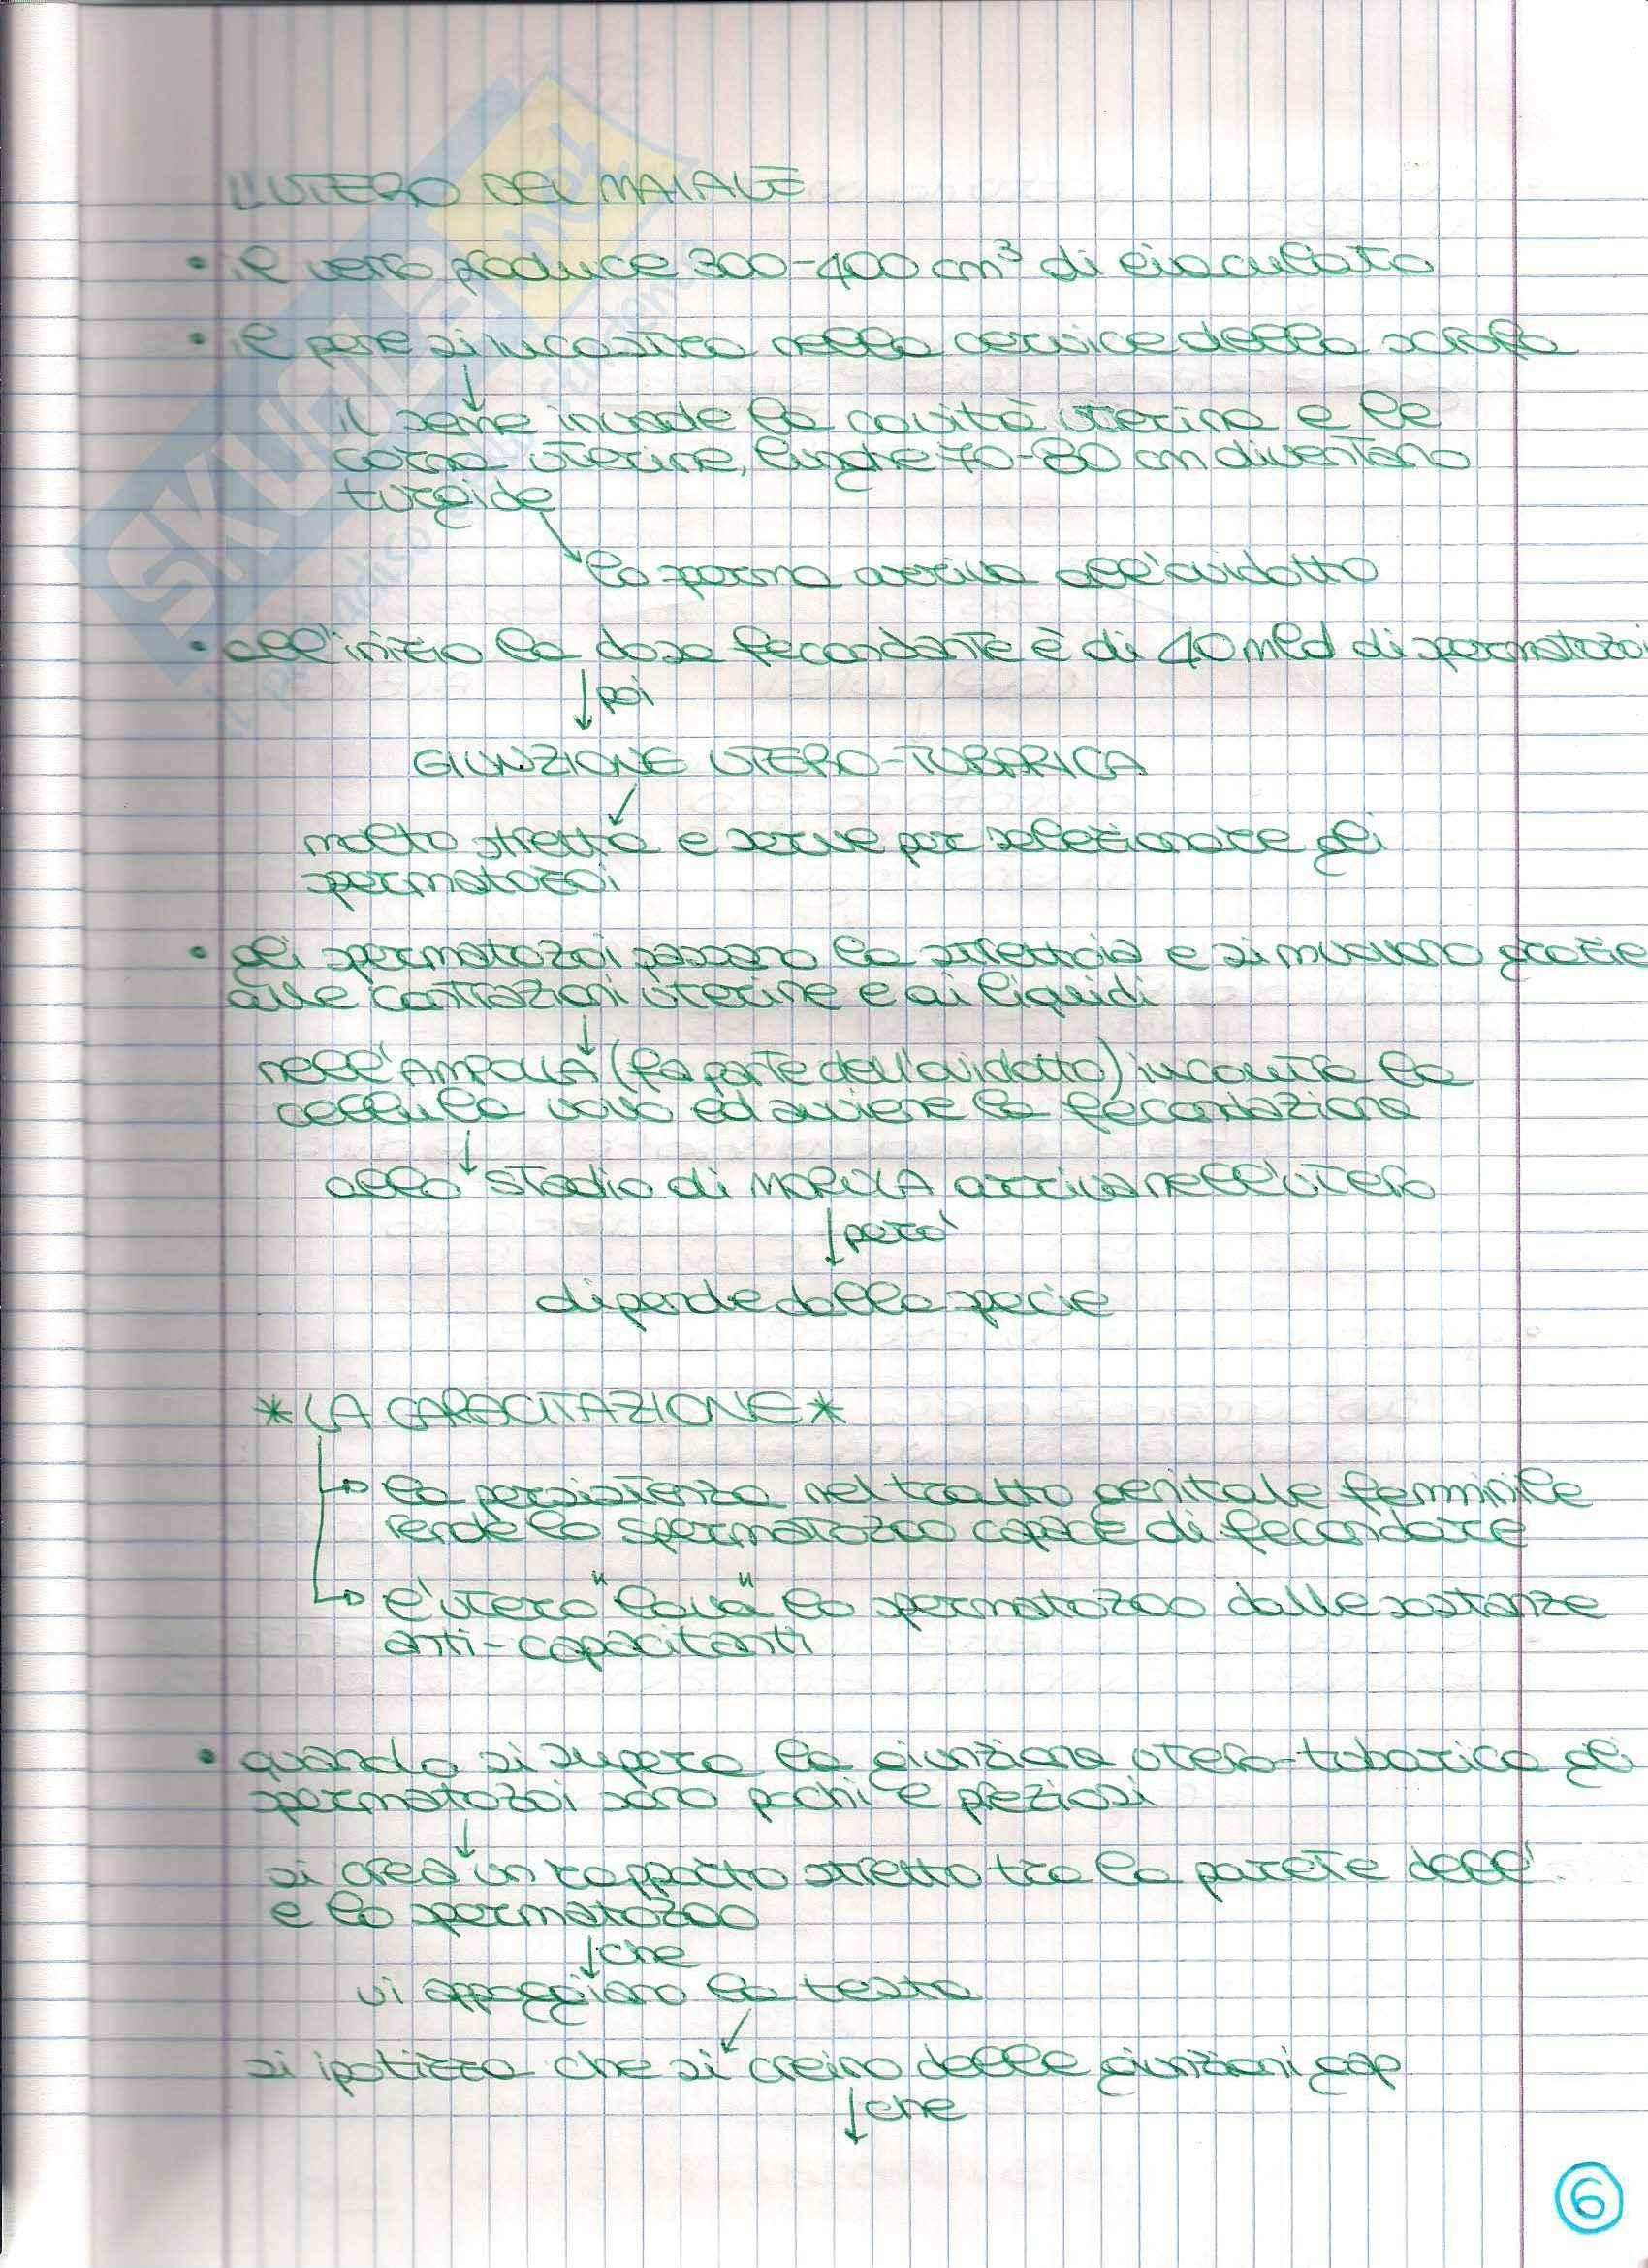 Struttura e funzione dell'apparato riproduttore - Appunti Pag. 11